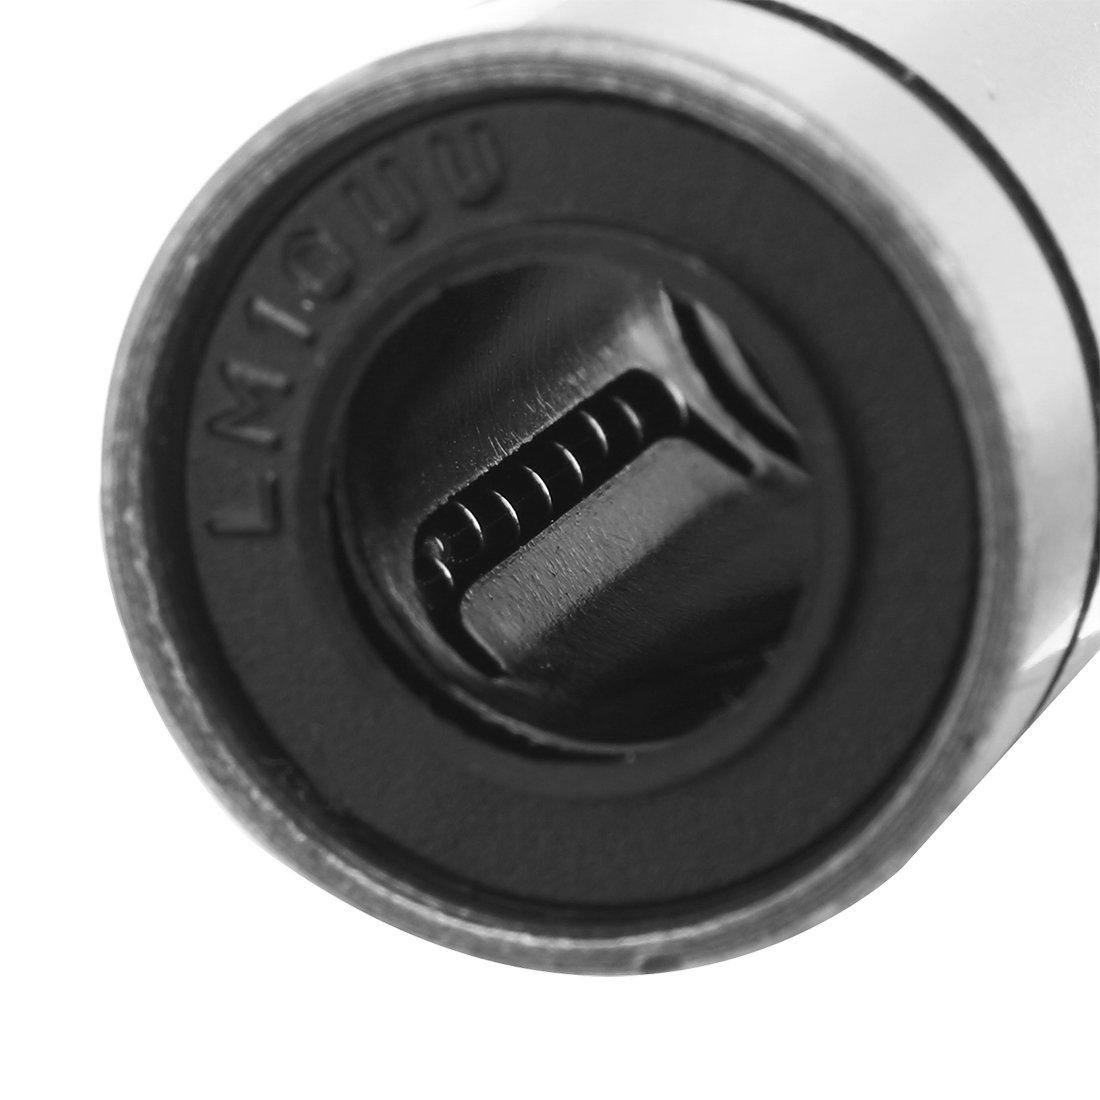 2pcs LM12LUU 12x21x57mm C/ôt/é double joint caoutchouc bague roulement /à billes lin/éaire